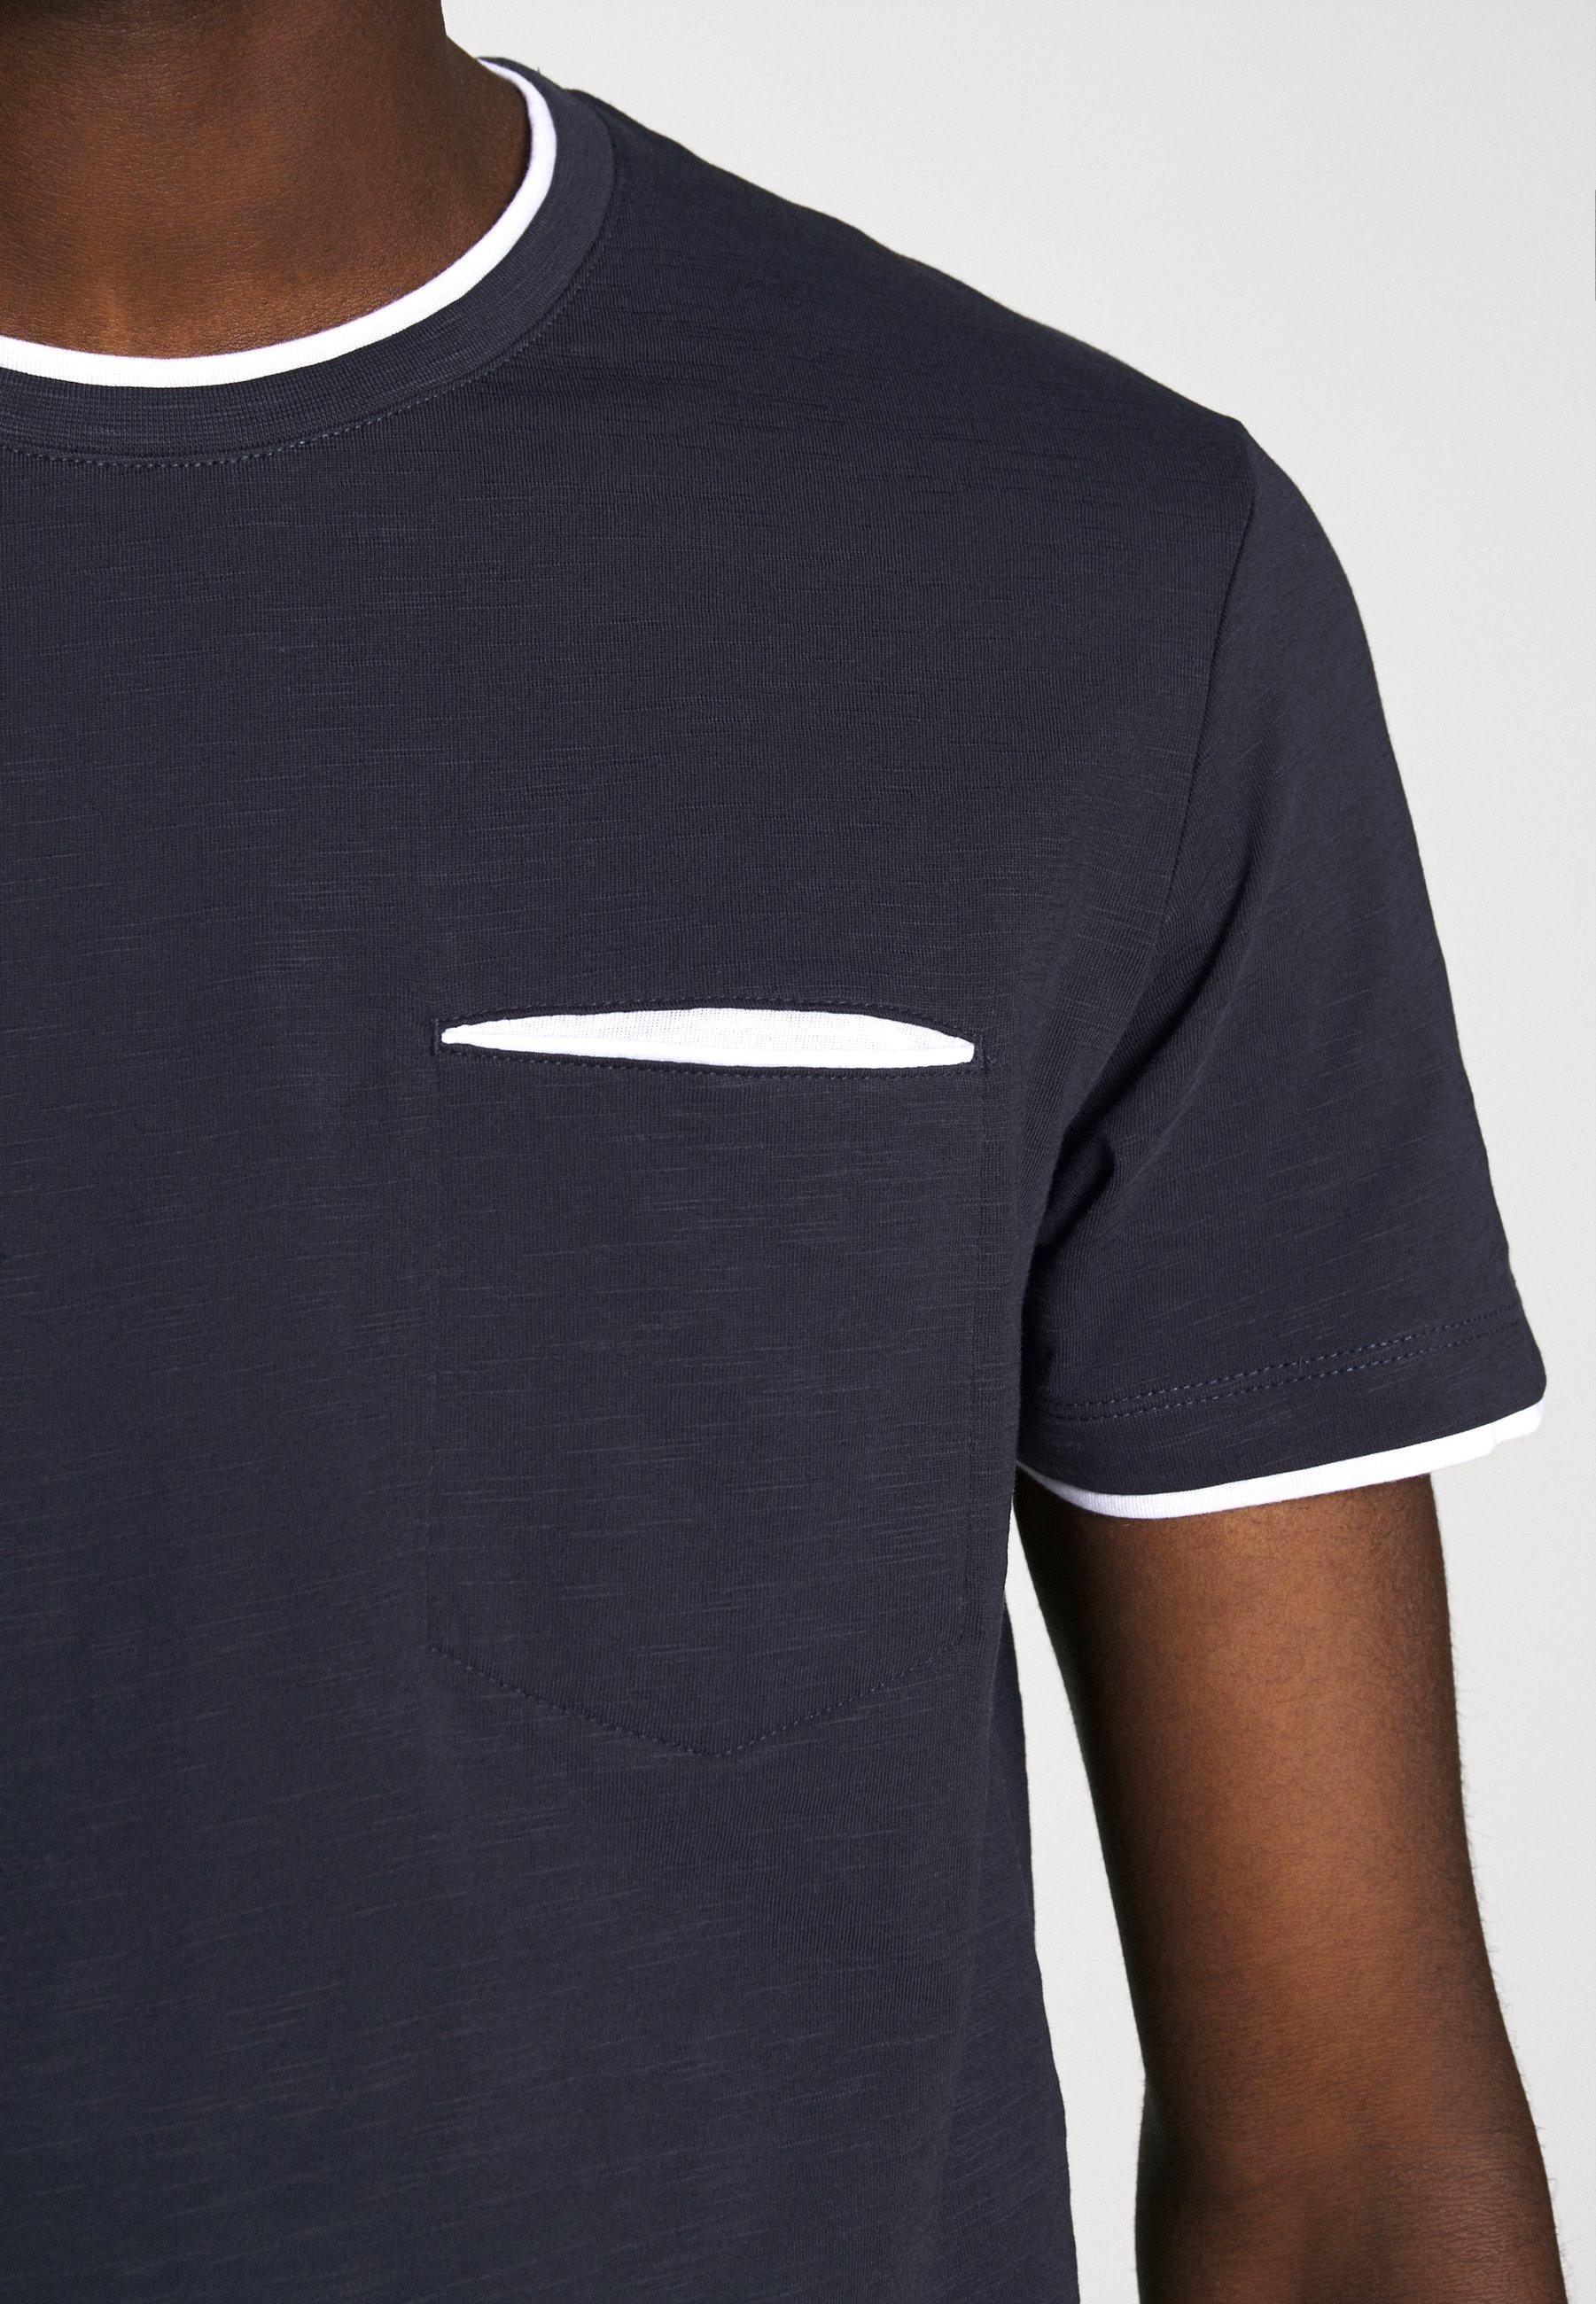 Esprit Basic T-shirt - navy 4Vnnu